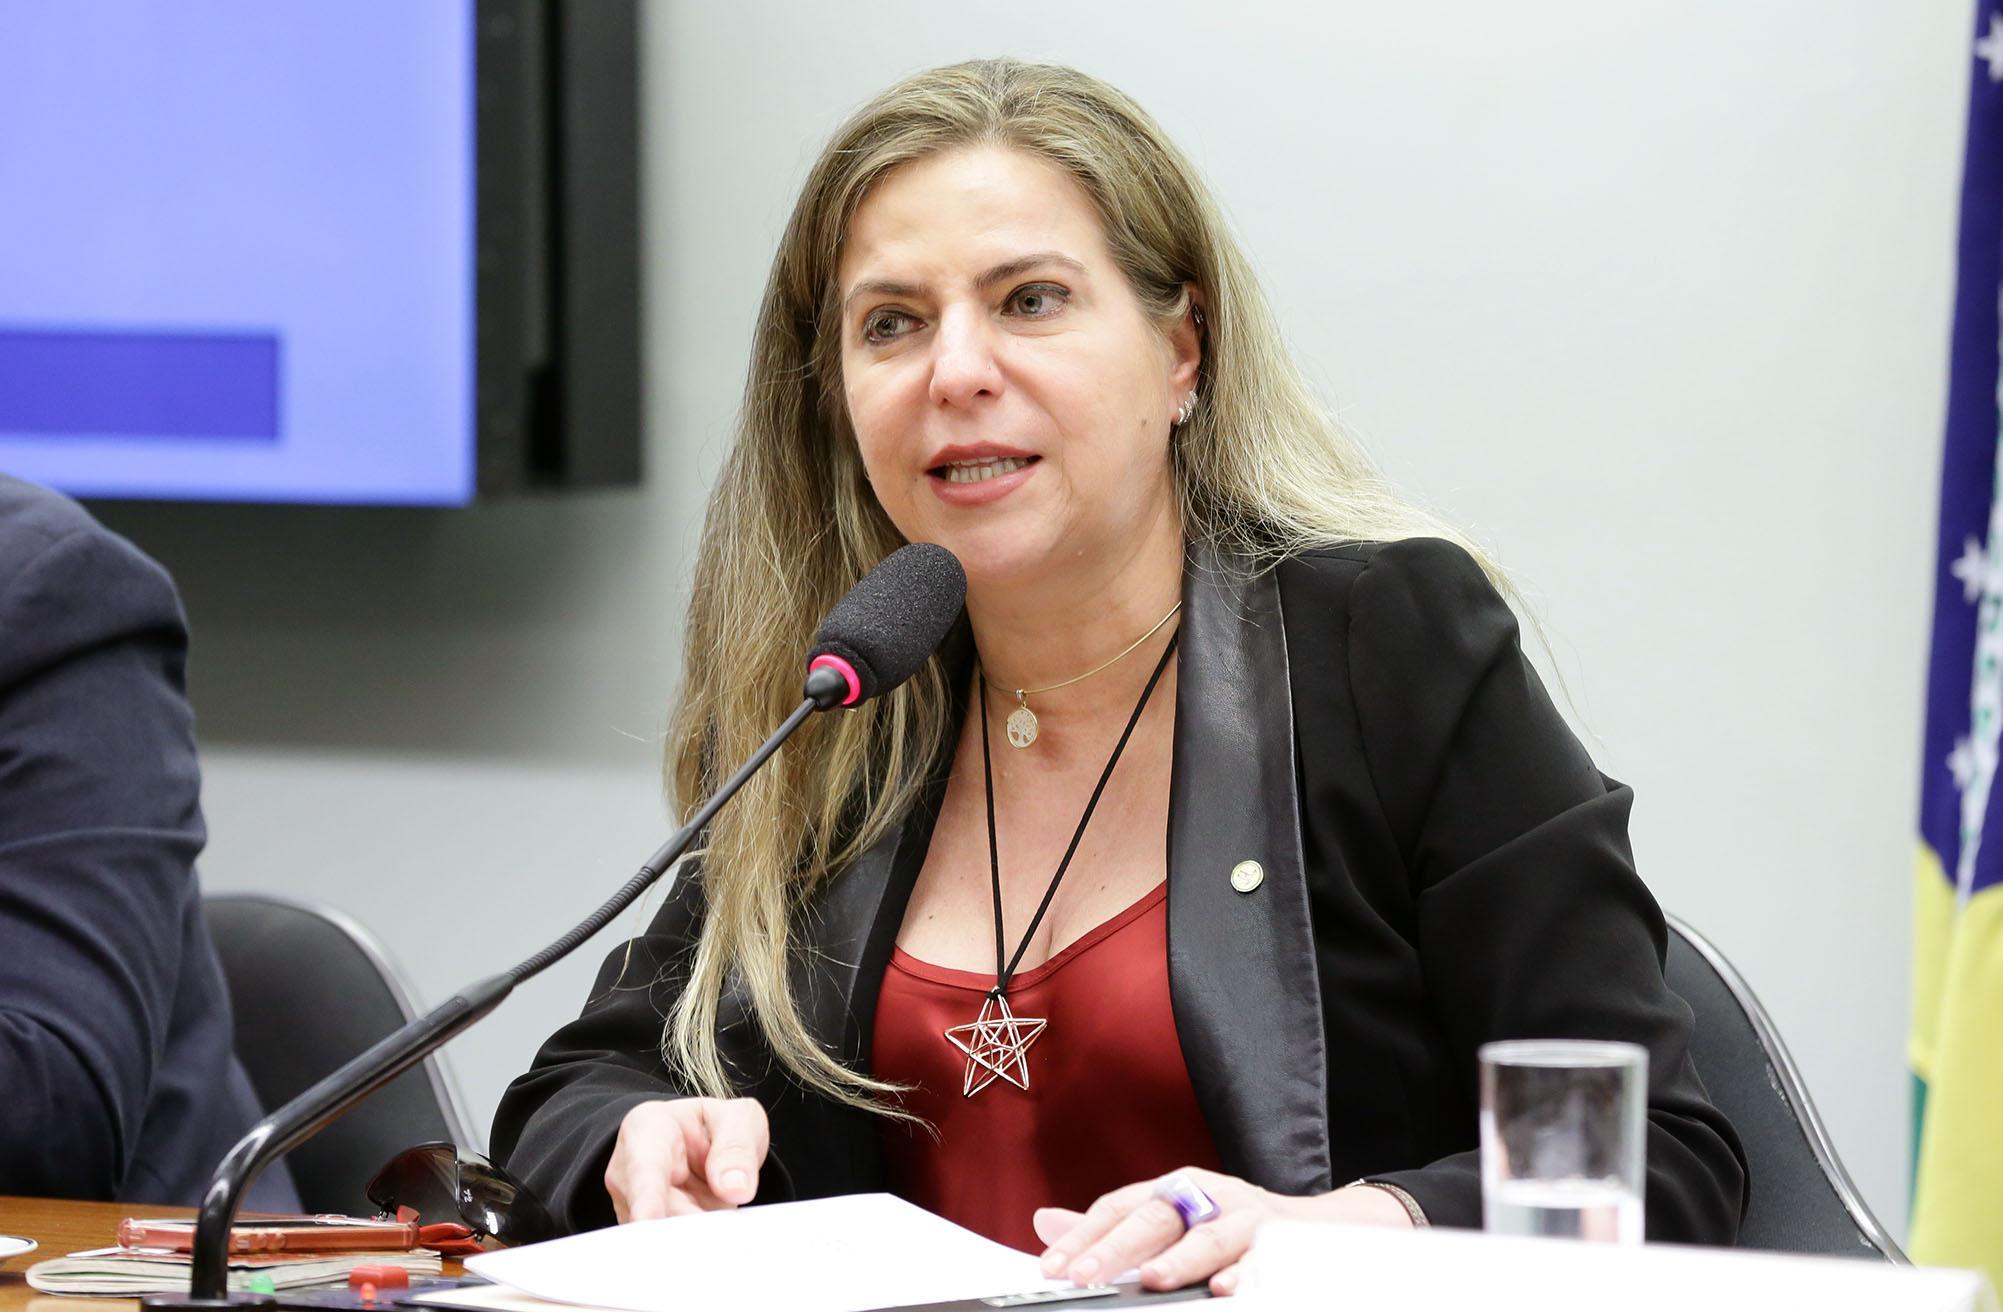 Audiência pública sobre os desafios, impasses e perspectivas na gestão cultural dos municípios brasileiros. Dep. Luizianne Lins (PT - CE)